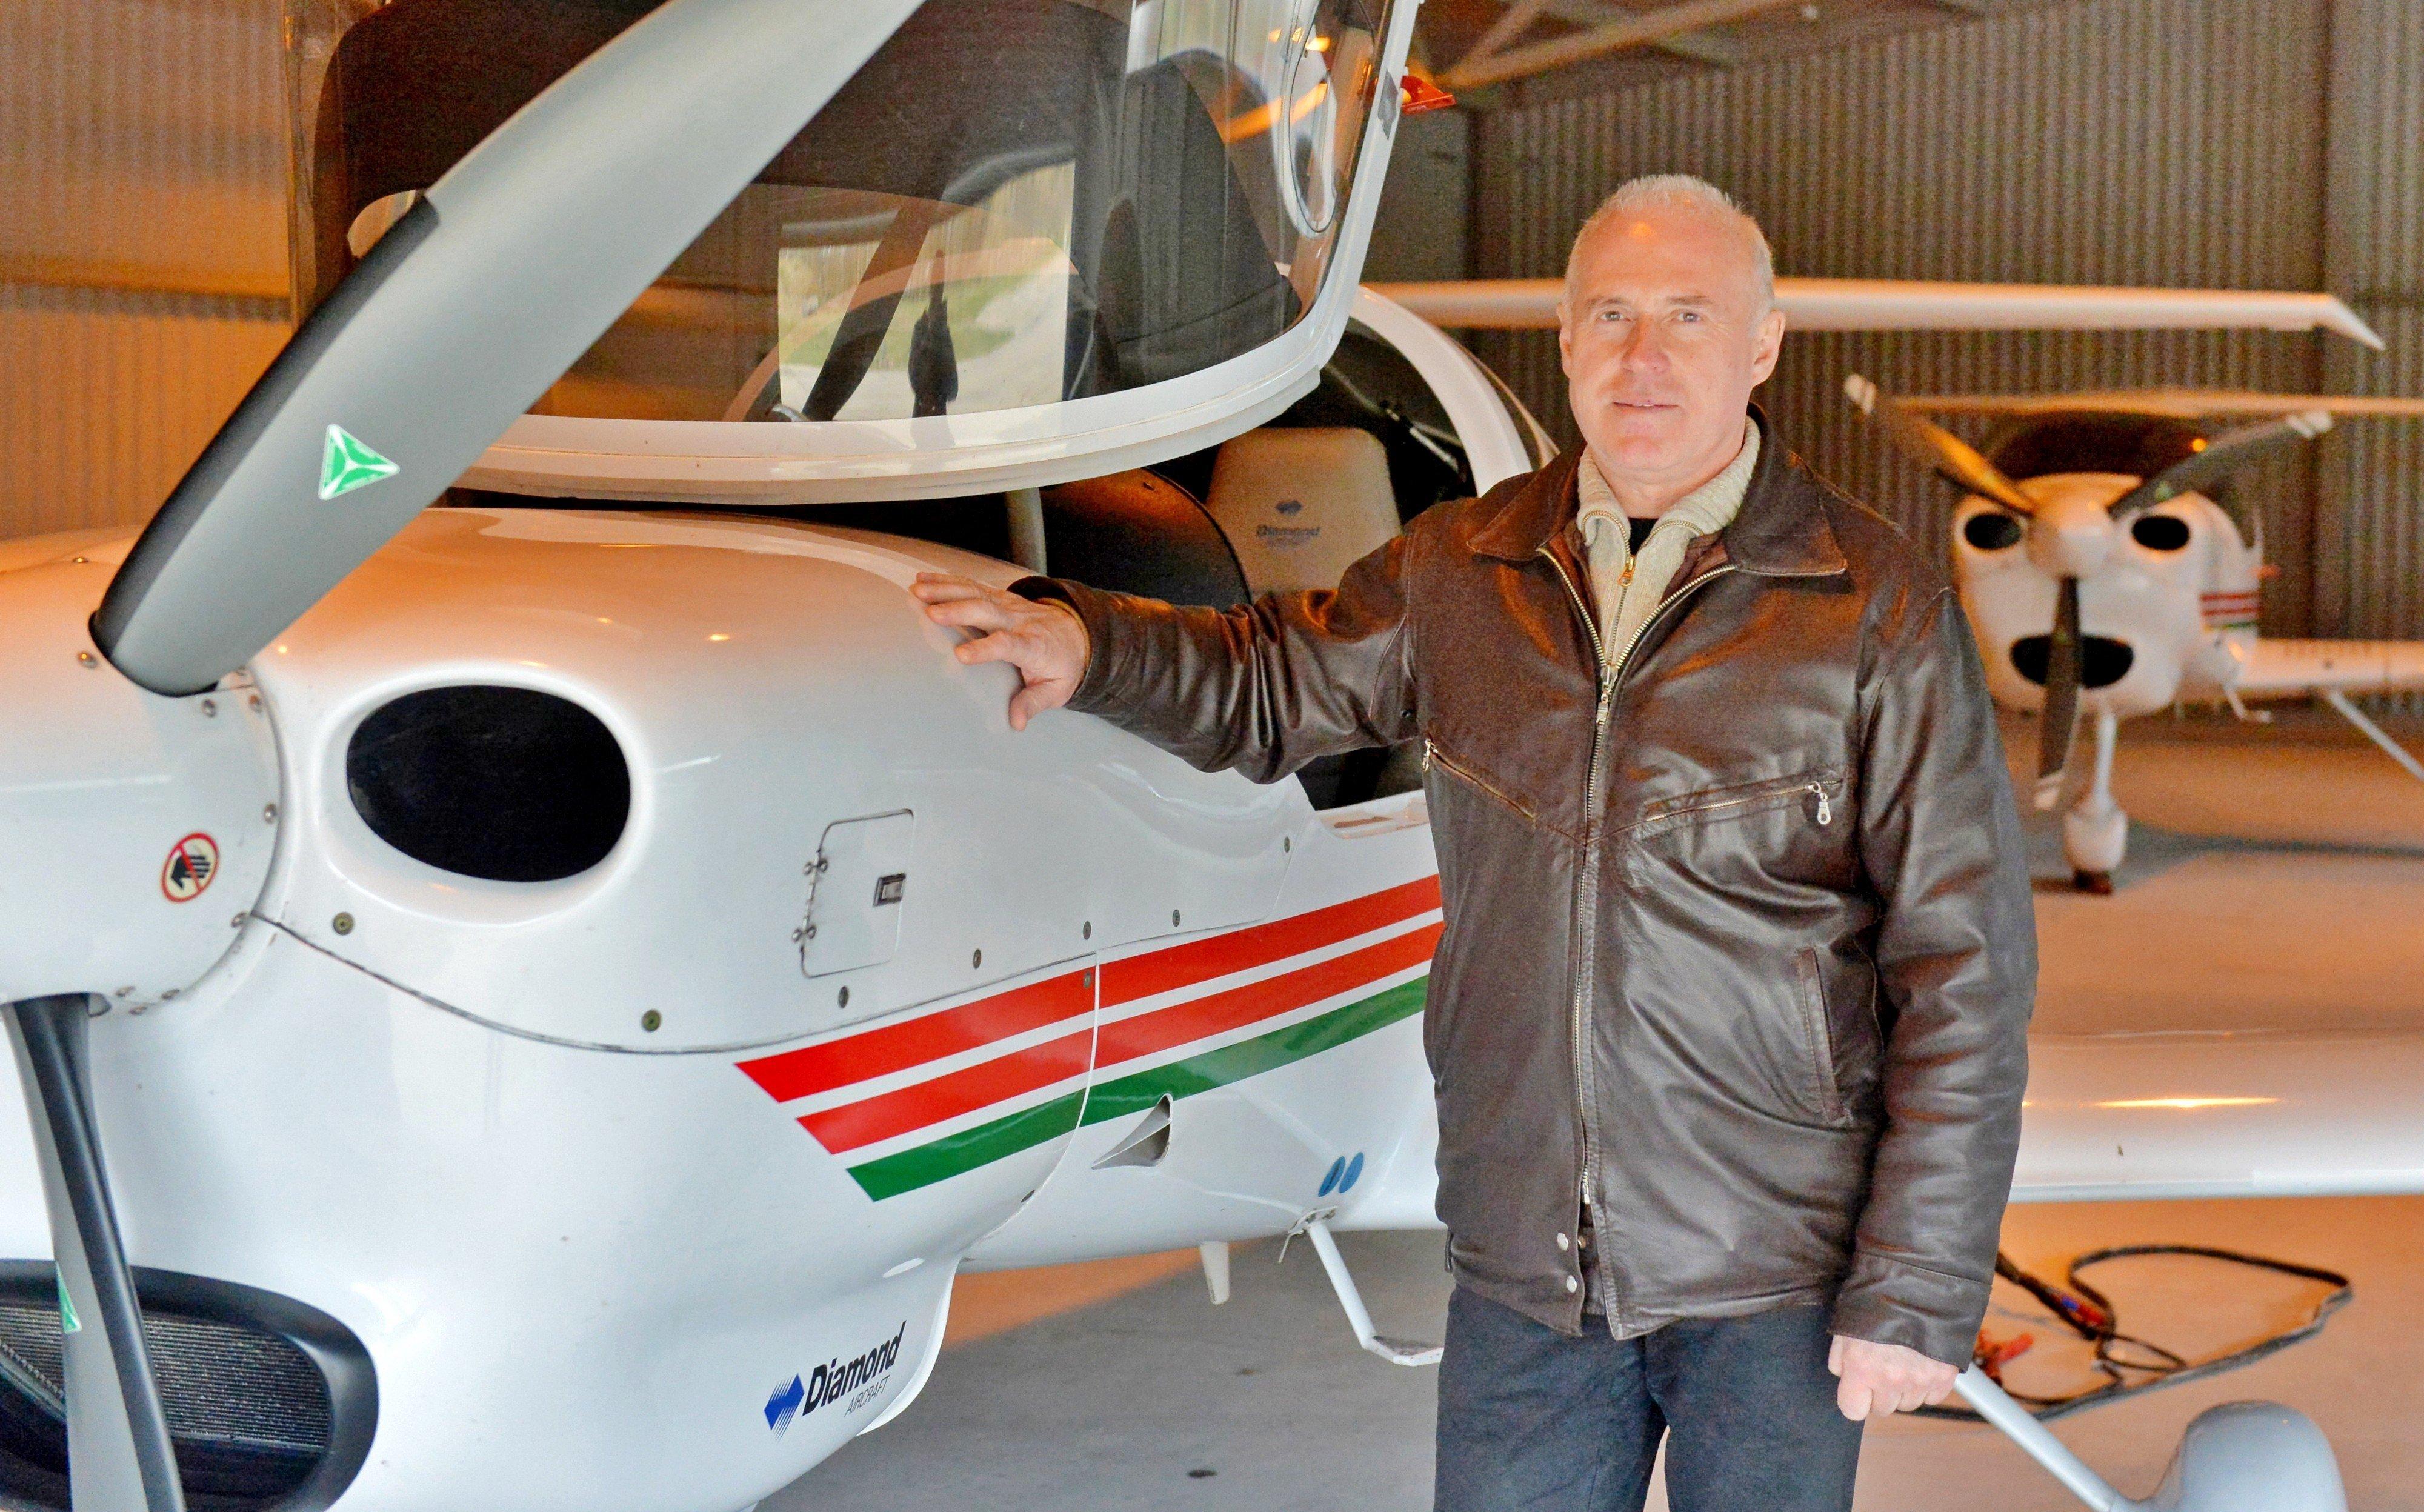 Для того, чтобы понять, для чего вам самолет, надо хотя бы однажды подняться в воздух, считает директор авиационного центра Даймонд Вадим Кирилюк